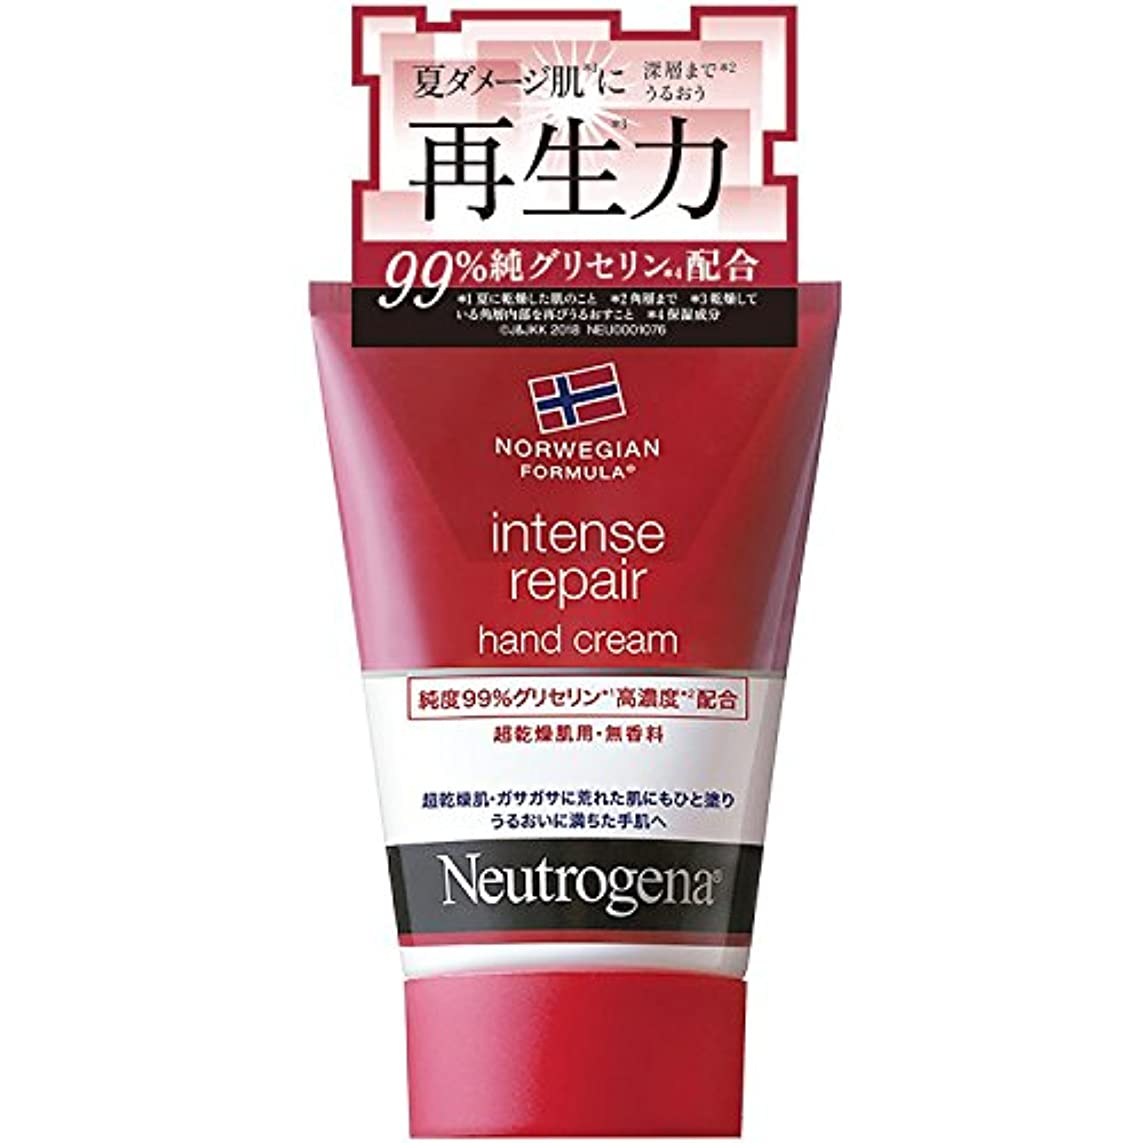 医薬細心の真似るNeutrogena(ニュートロジーナ) ノルウェーフォーミュラ インテンスリペア ハンドクリーム 超乾燥肌用 無香料 単品 50g